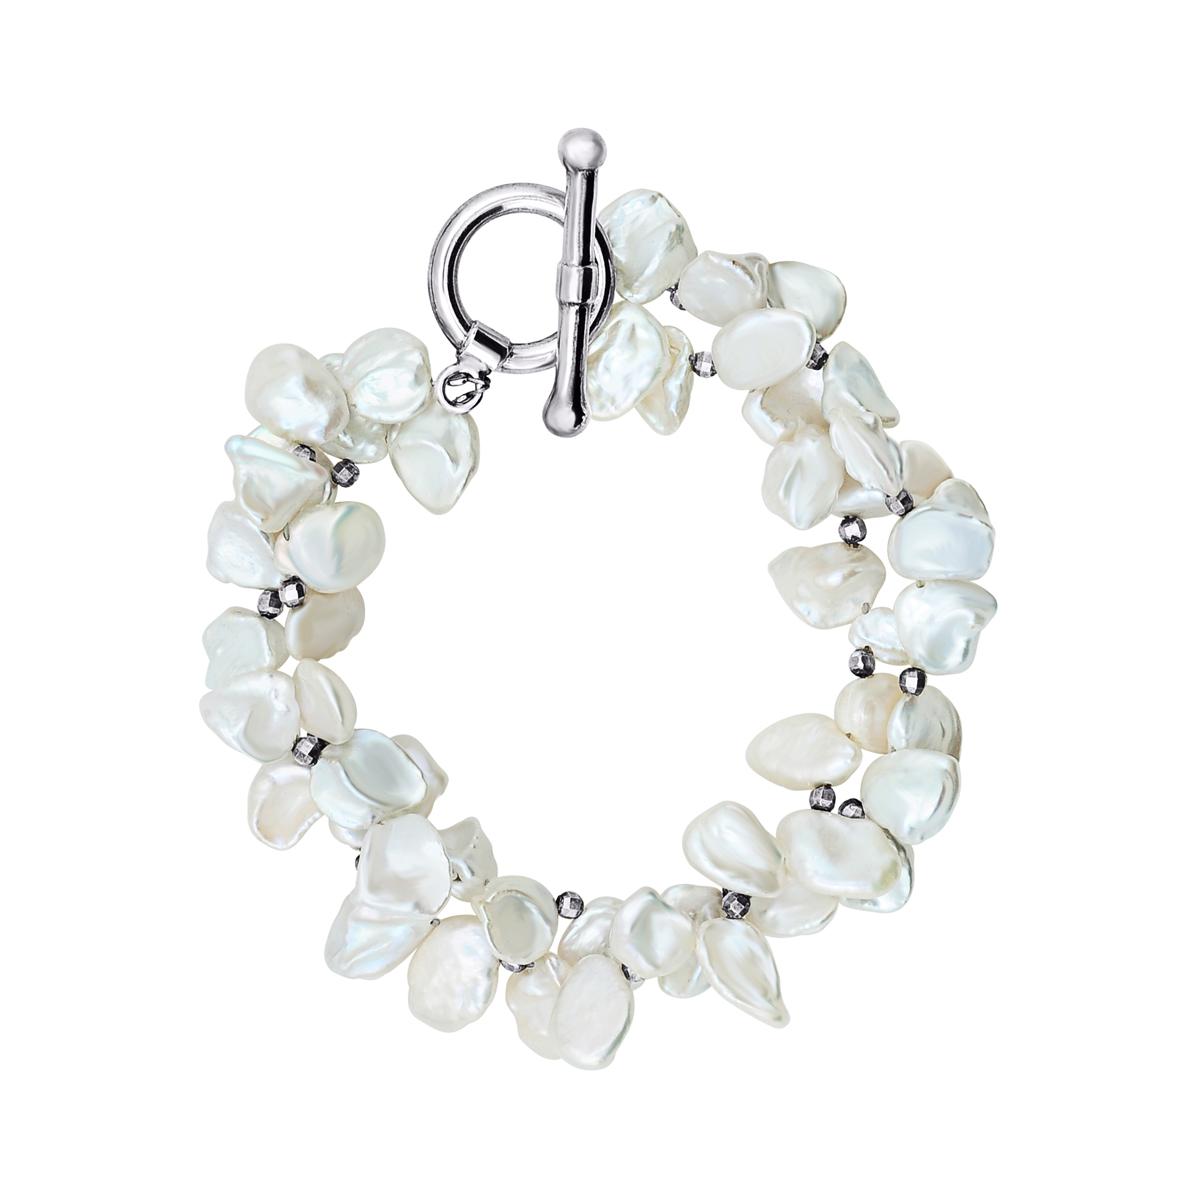 b737c0ea51ff Pulsera en plata 950 con perlas barrocas irregulares